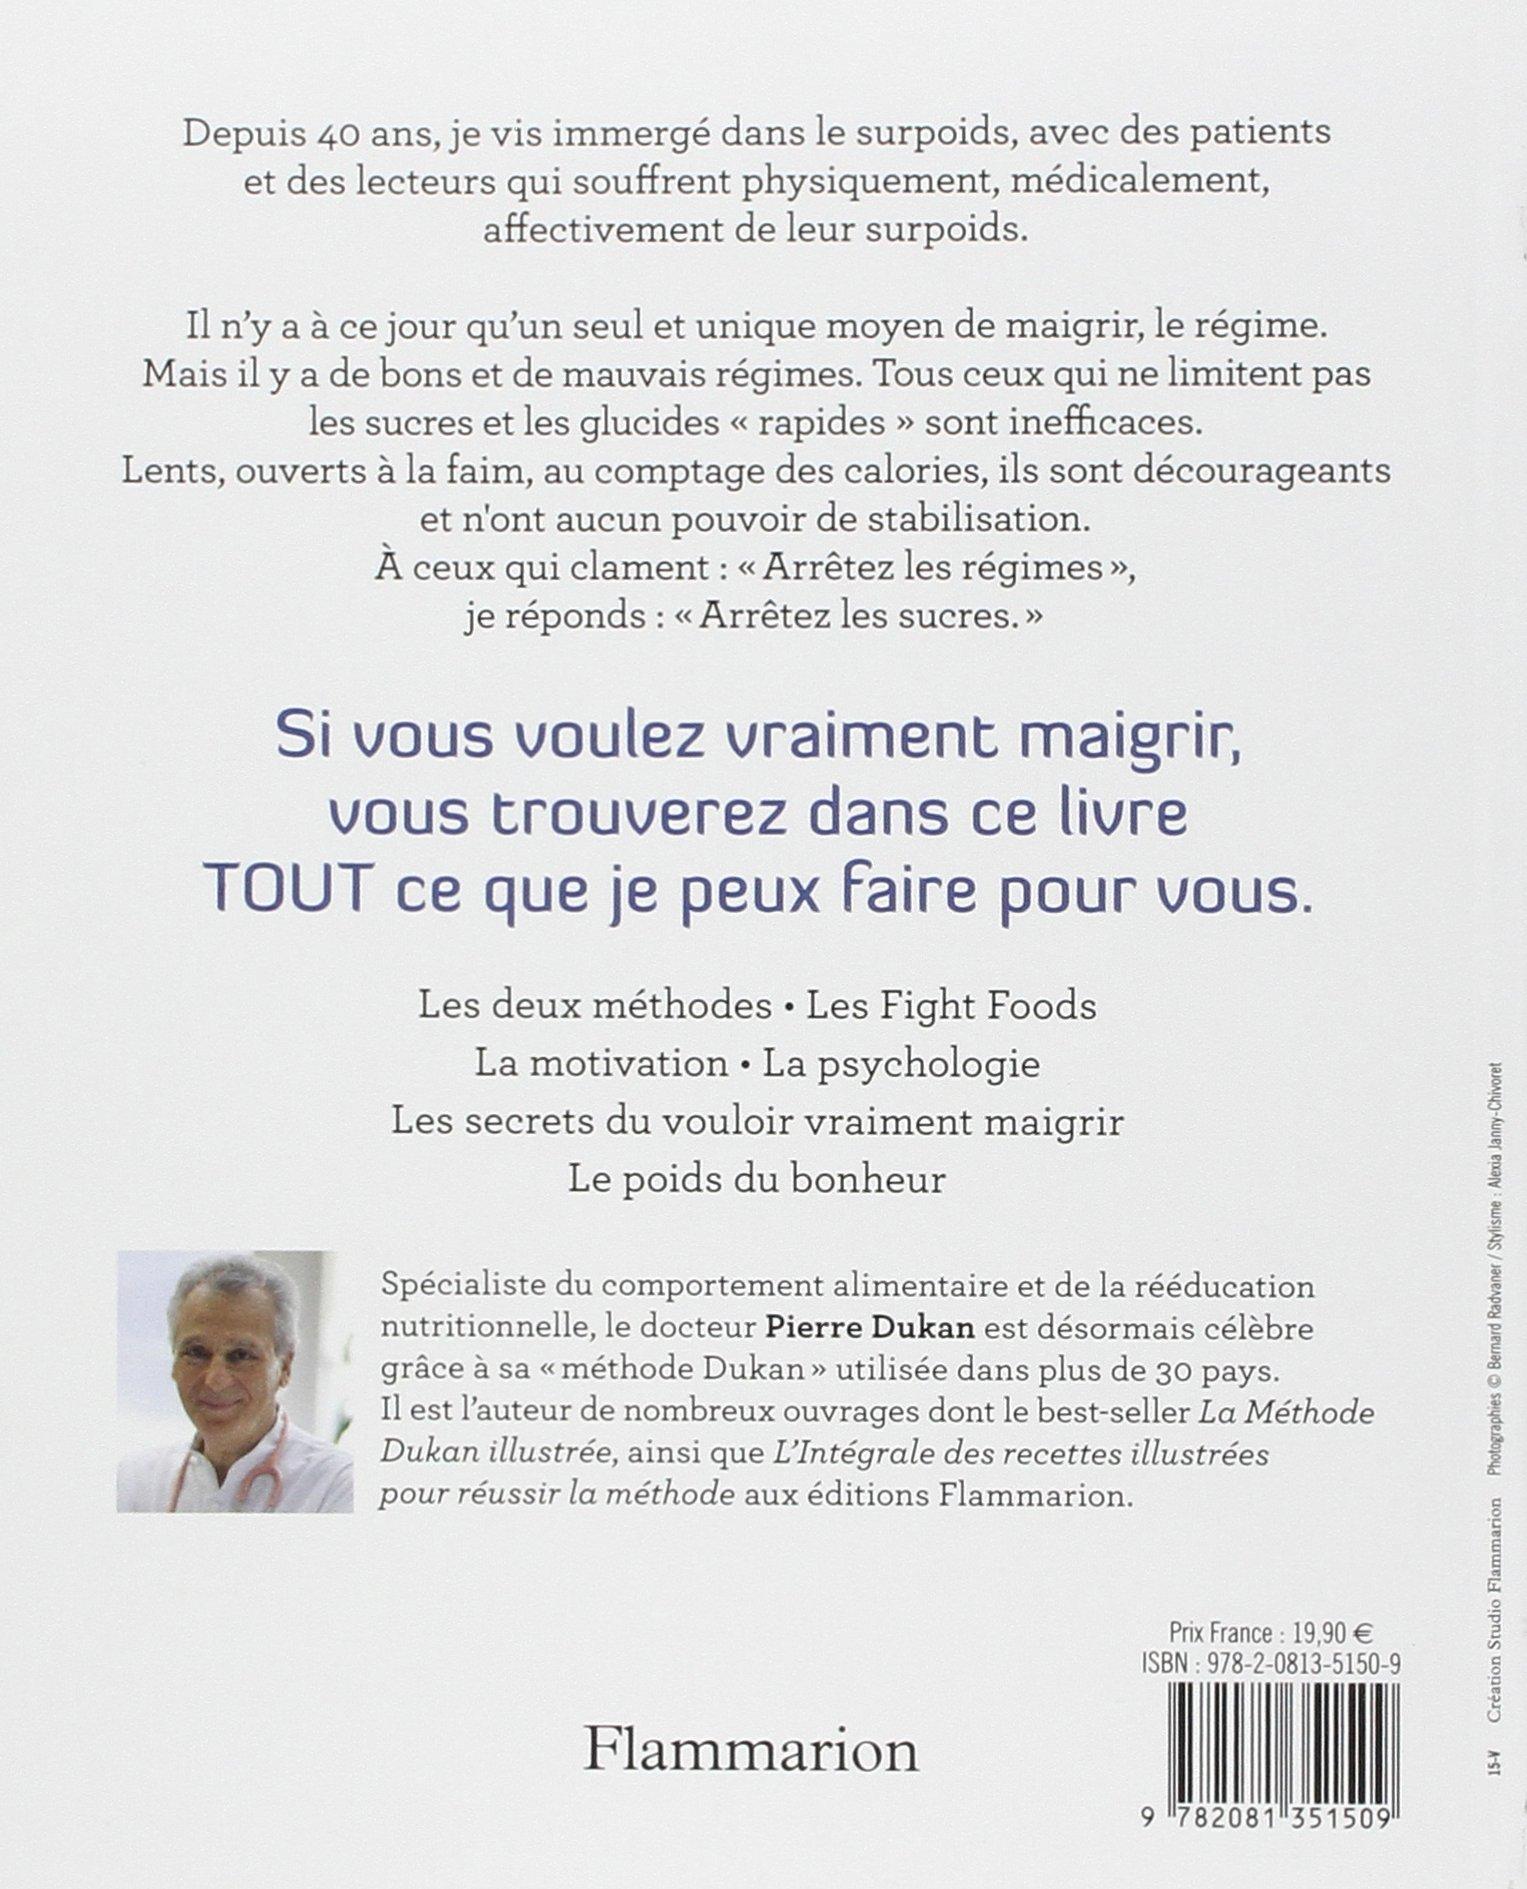 Dukan intégral - a qui veut vraiment maigrir Beauté, bien-être et diététique: Amazon.es: Dukan, Pierre: Libros en idiomas extranjeros